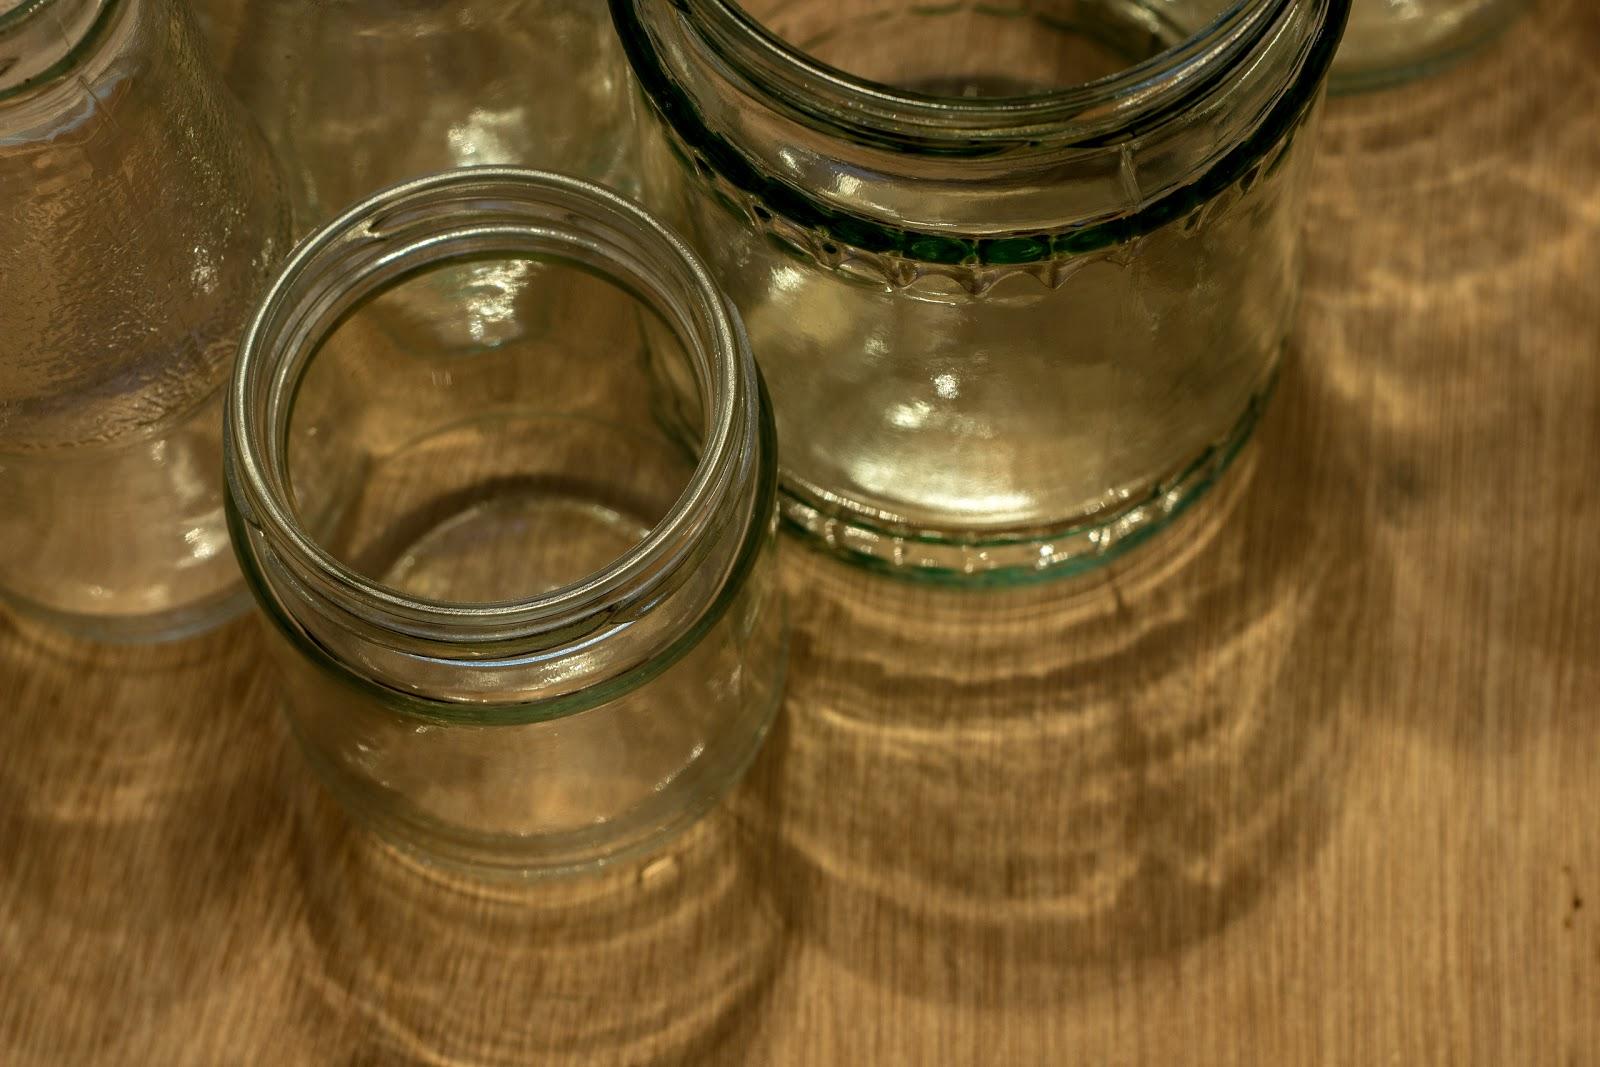 Vidrio mejor que plastico texturas de verduras for Mejor pegamento para plastico